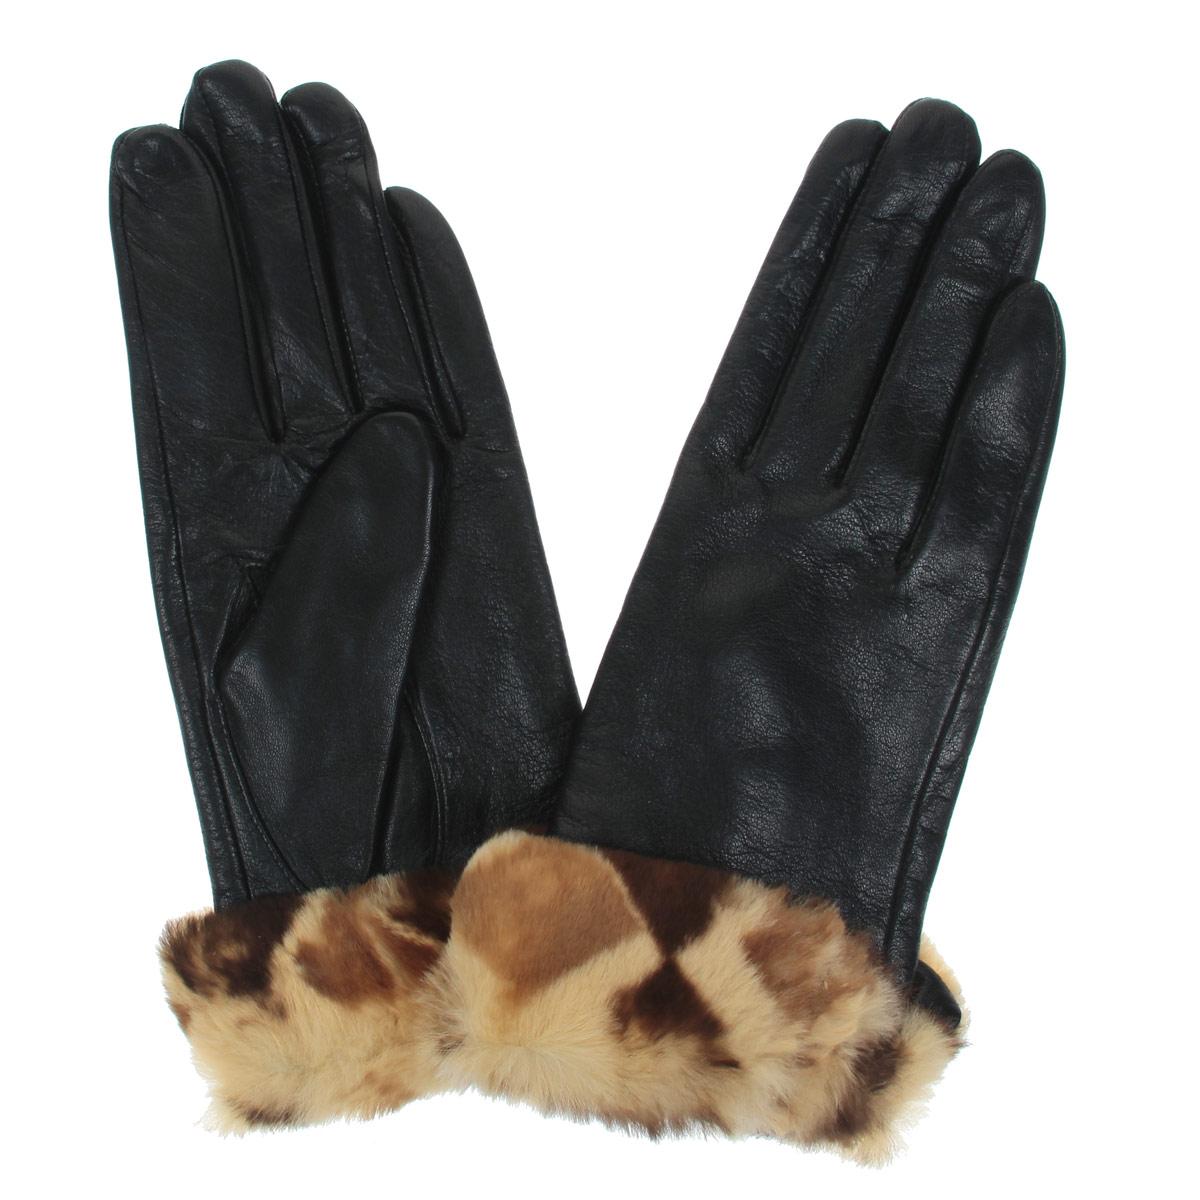 ПерчаткиL-20Стильные женские перчатки Falner заинтригуют любого мужчину и заставят завидовать любую женщину. Они не только защитят ваши руки от холода, но и станут великолепным украшением. Модель изготовлена из мягкой натуральной кожи с флисовой подкладкой. Изделие оформлено отворотом, декорированным мехом кролика. На внешнем боку имеется небольшой разрез. Перчатки являются неотъемлемой принадлежностью одежды, вместе с этим аксессуаром вы обретаете женственность и элегантность. Они станут завершающим и подчеркивающим элементом вашего неповторимого стиля и индивидуальности.